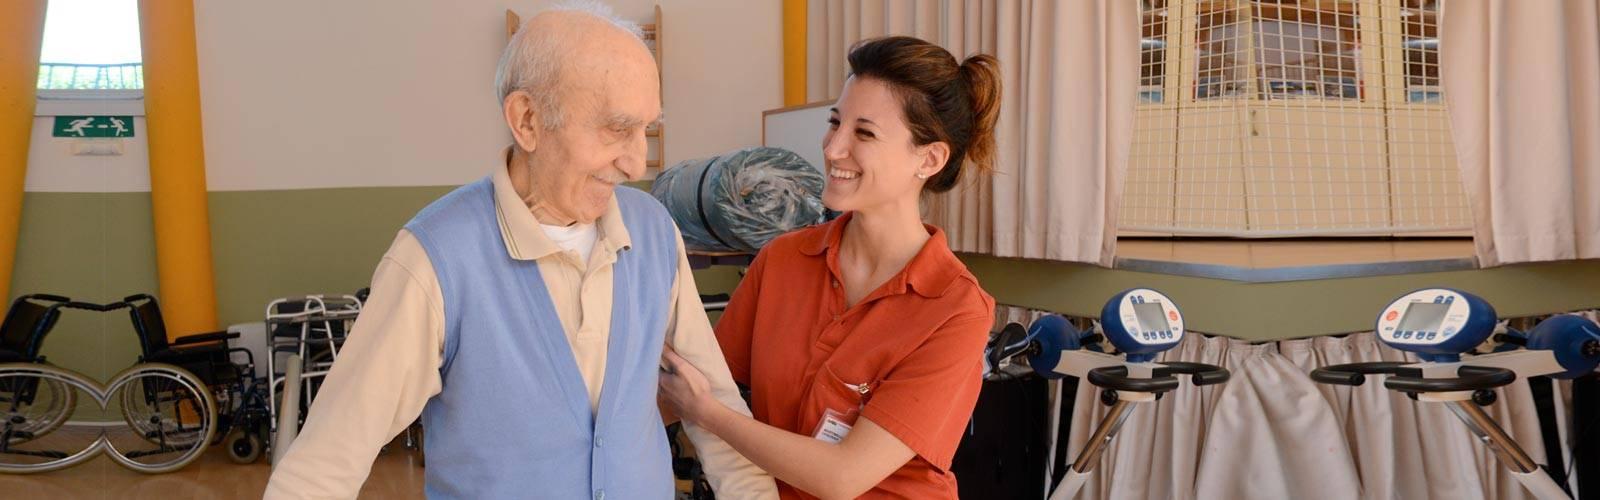 casa di riposo per anziani como